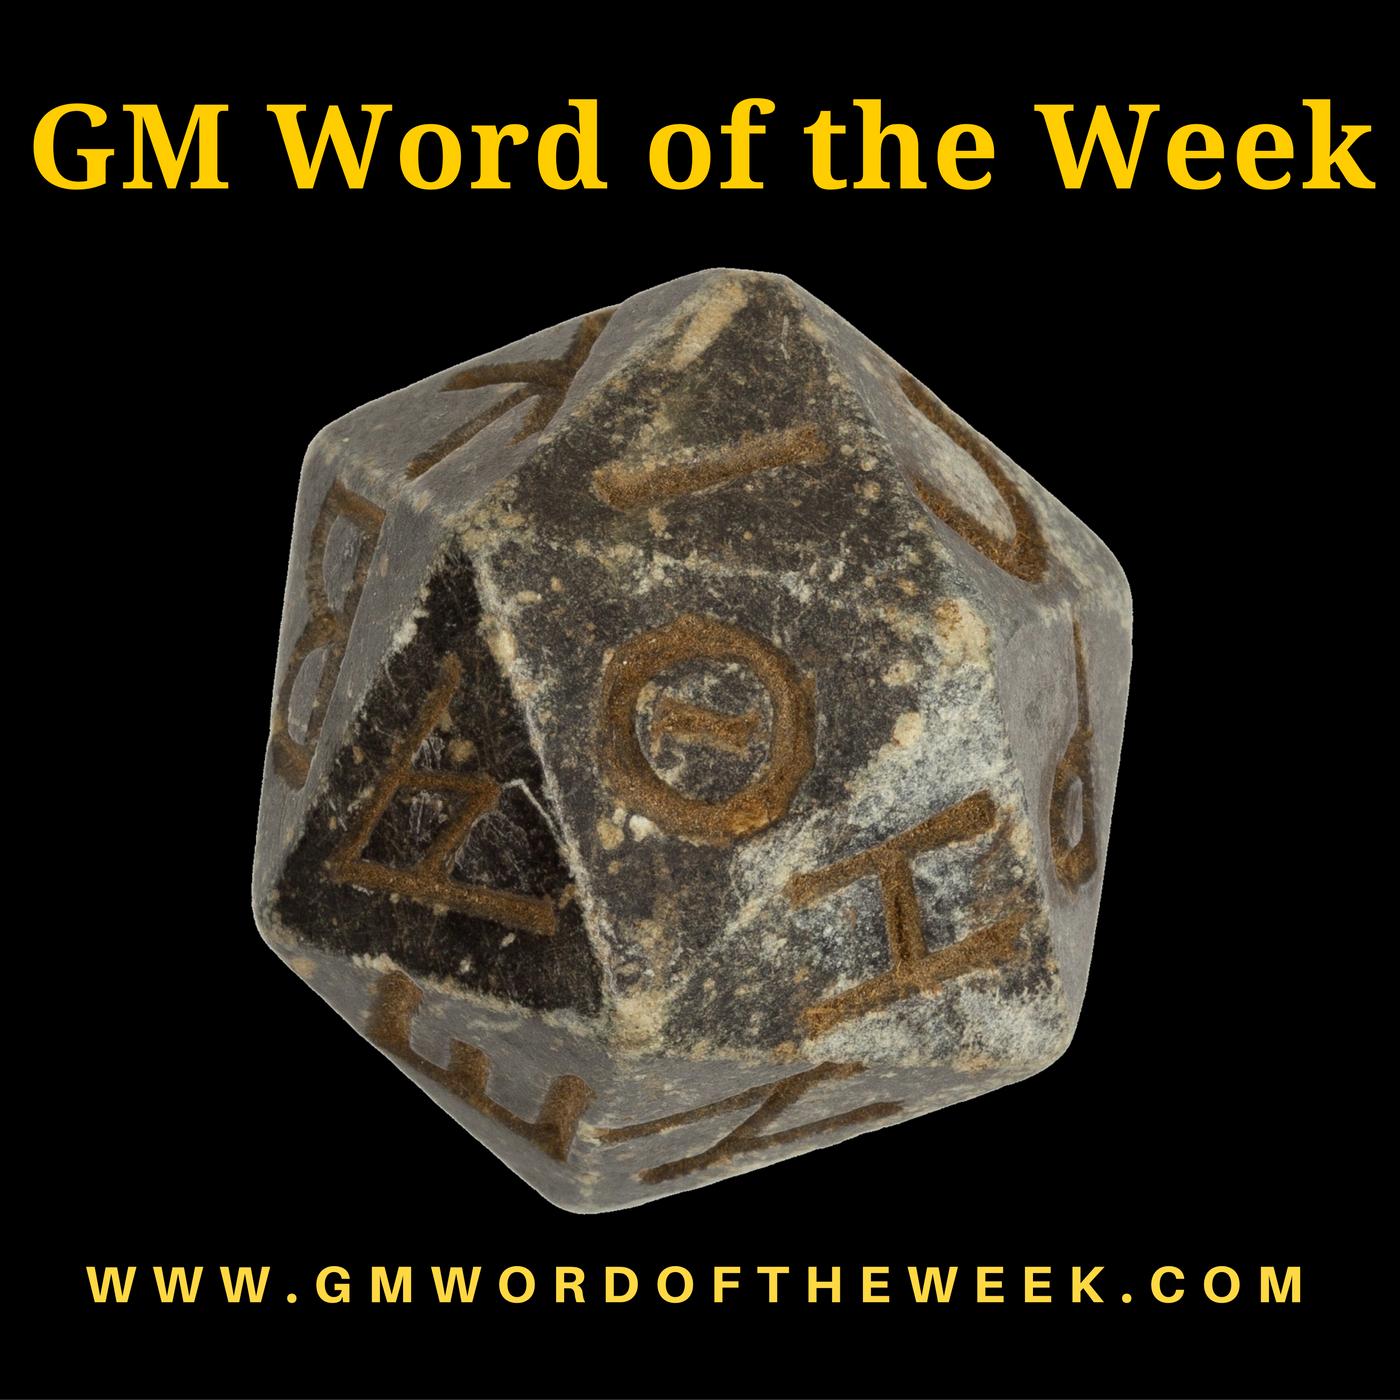 GM Word of the Week